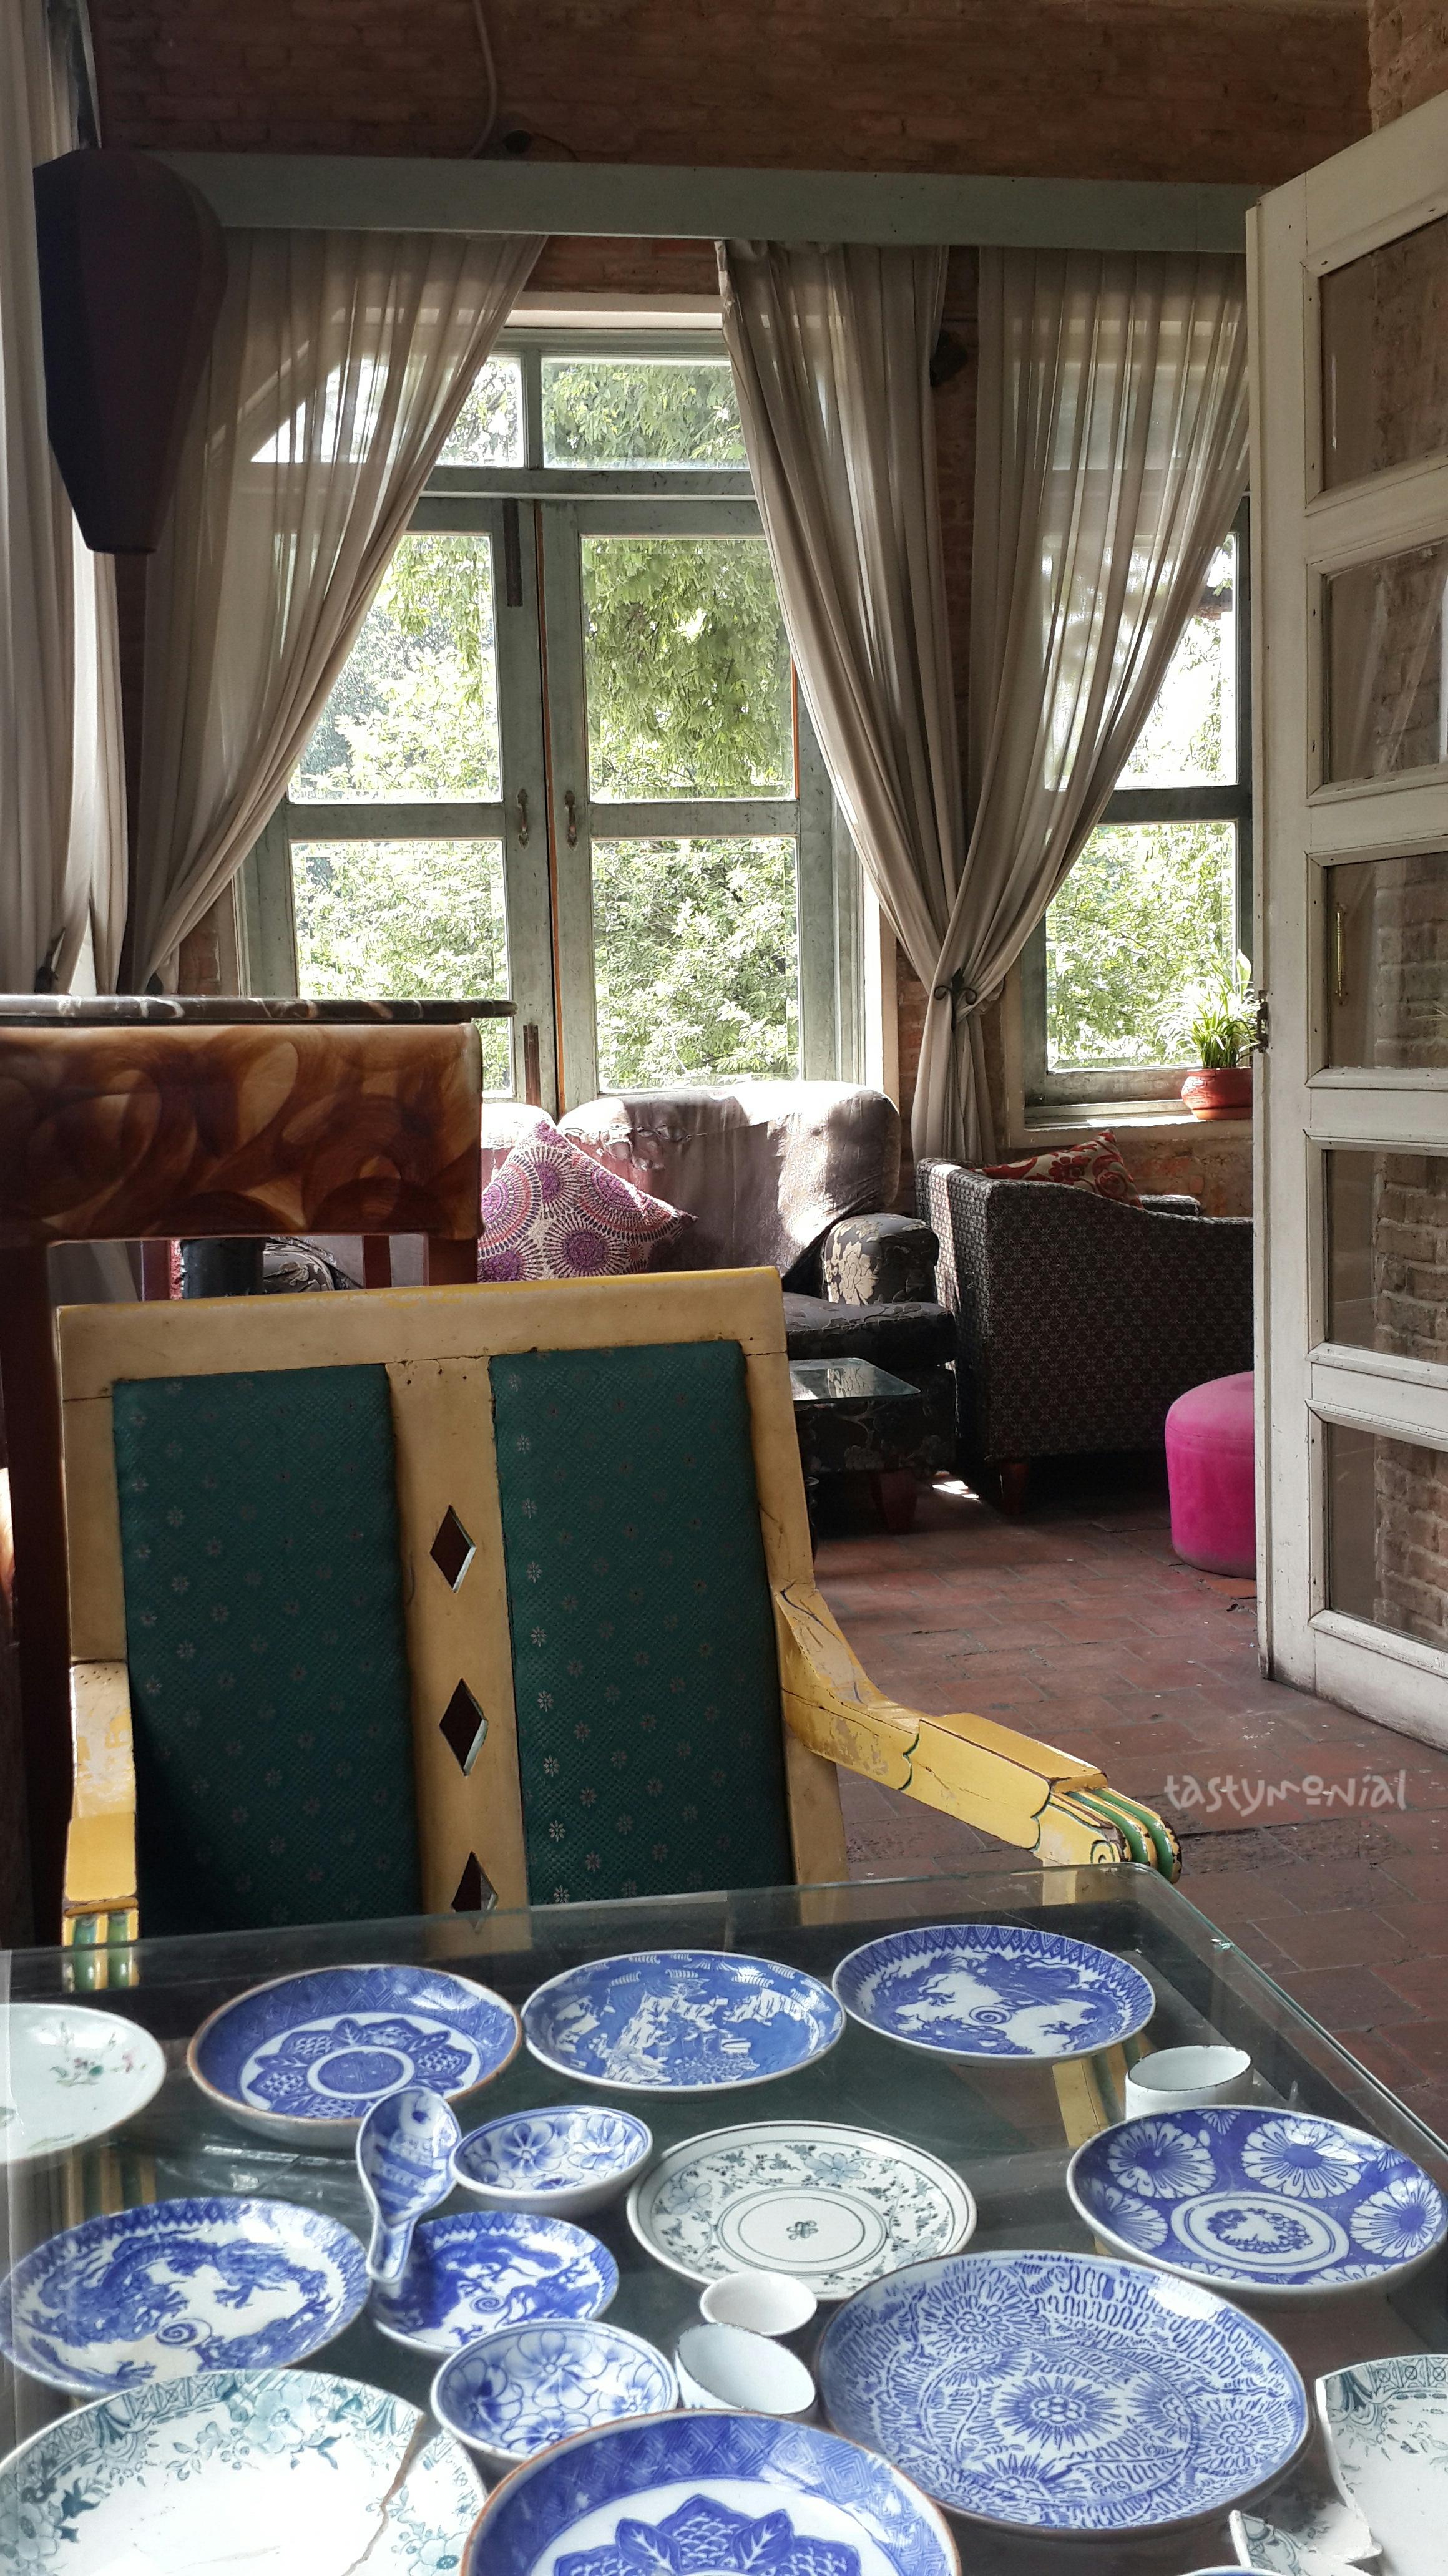 La fenetre soleil indonesian restaurant in ho chi minh for La fenetre soleil saigon